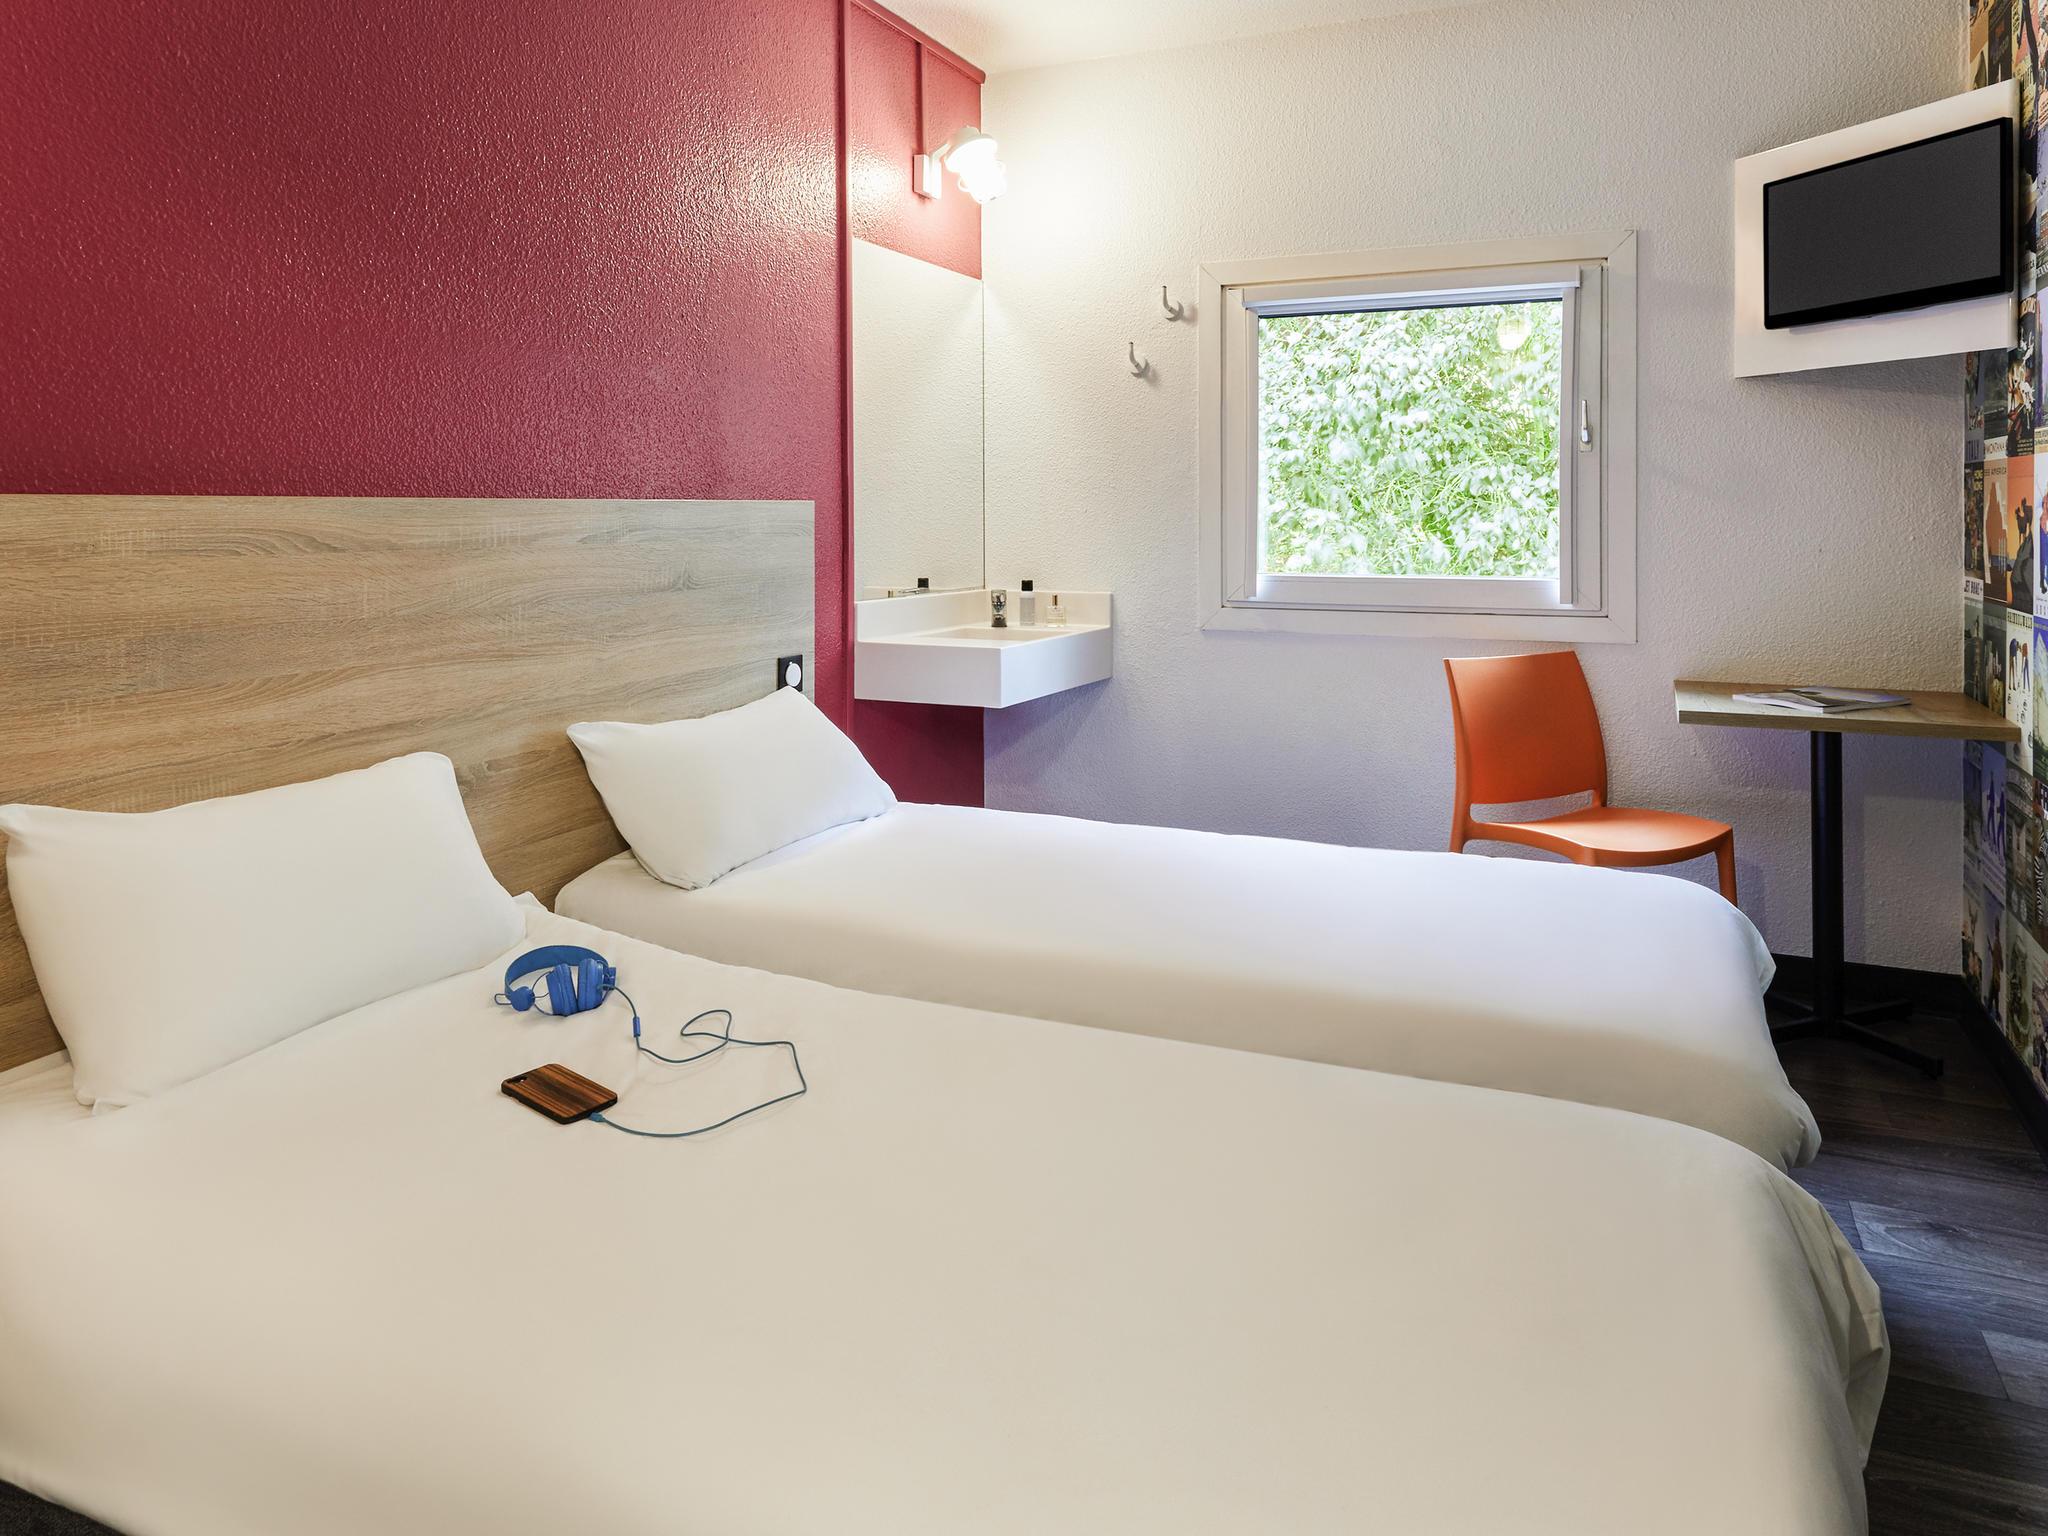 فندق - hotelF1 Saint-Étienne